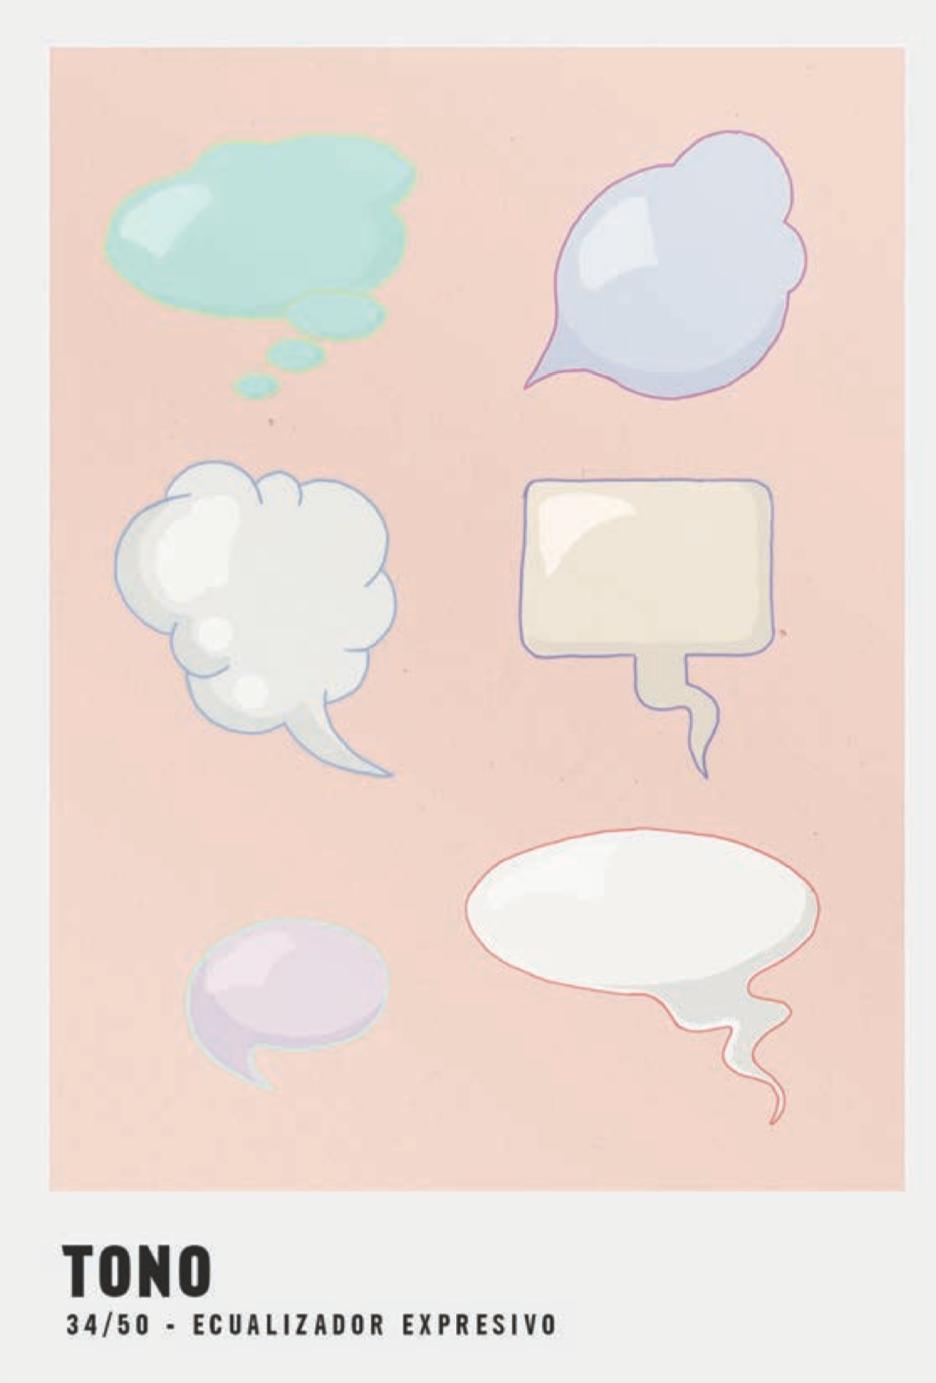 Toolkit Creativo - 50 Cartas para la creación de conceptos de comunicación // Ber Arce